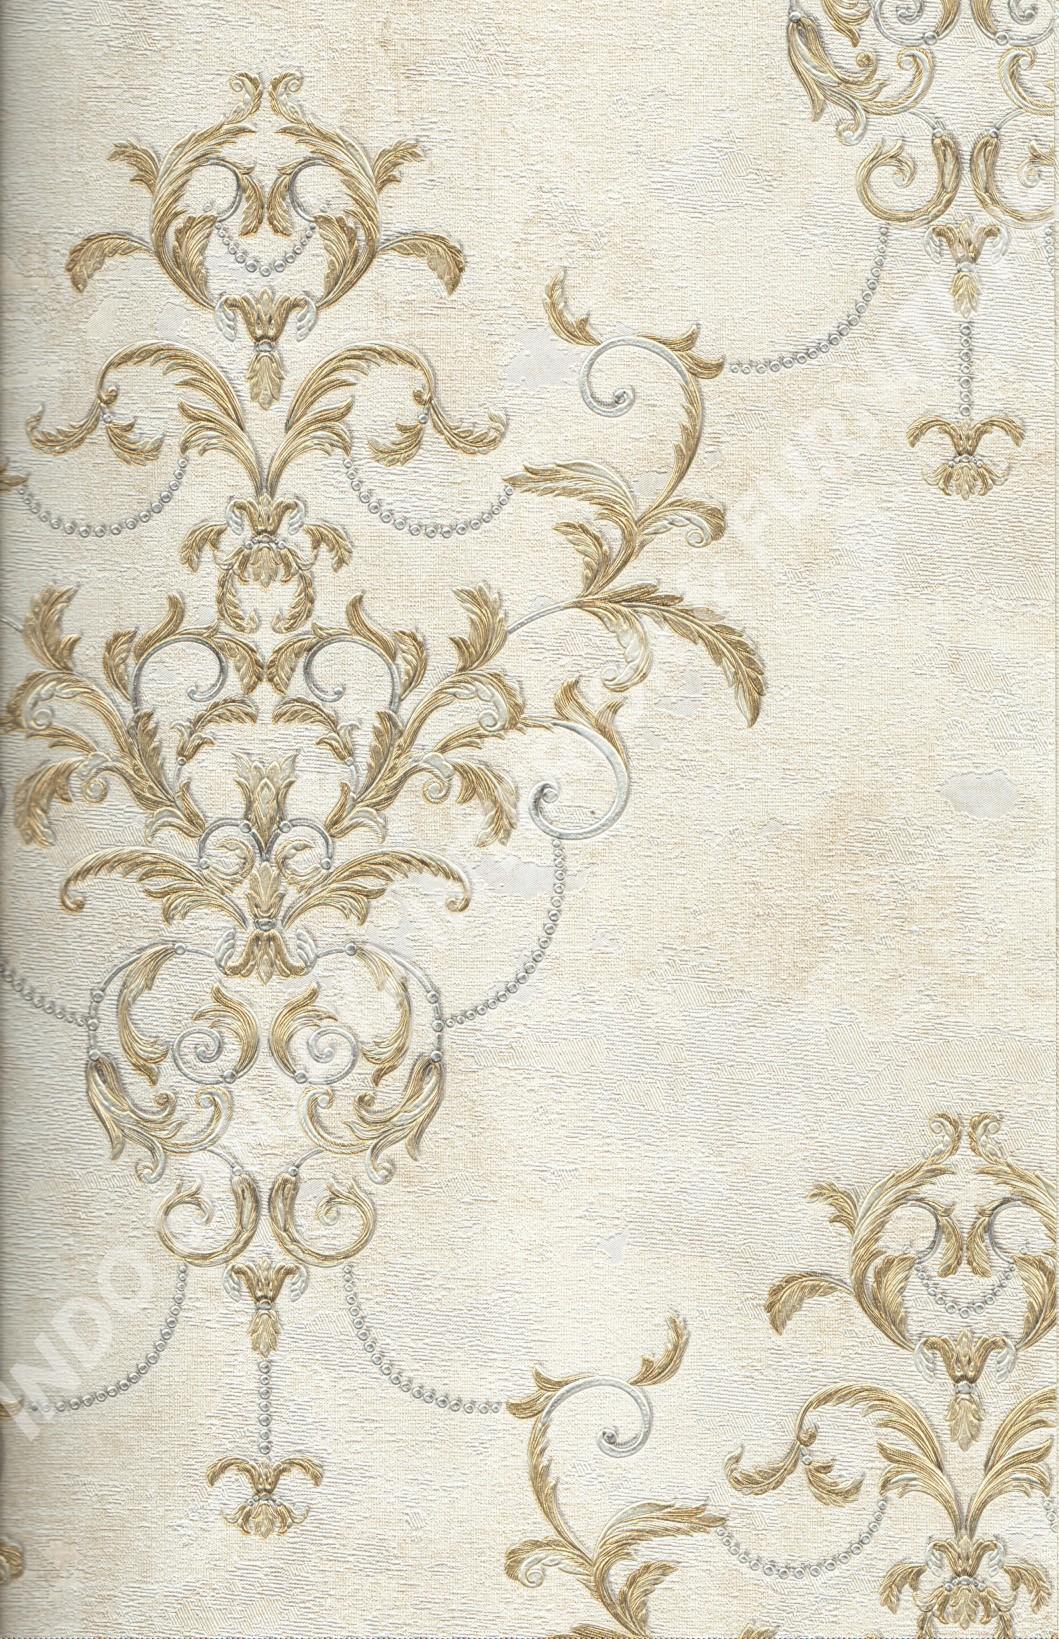 wallpaper   Wallpaper Klasik Batik (Damask) 5006-1:5006-1 corak  warna